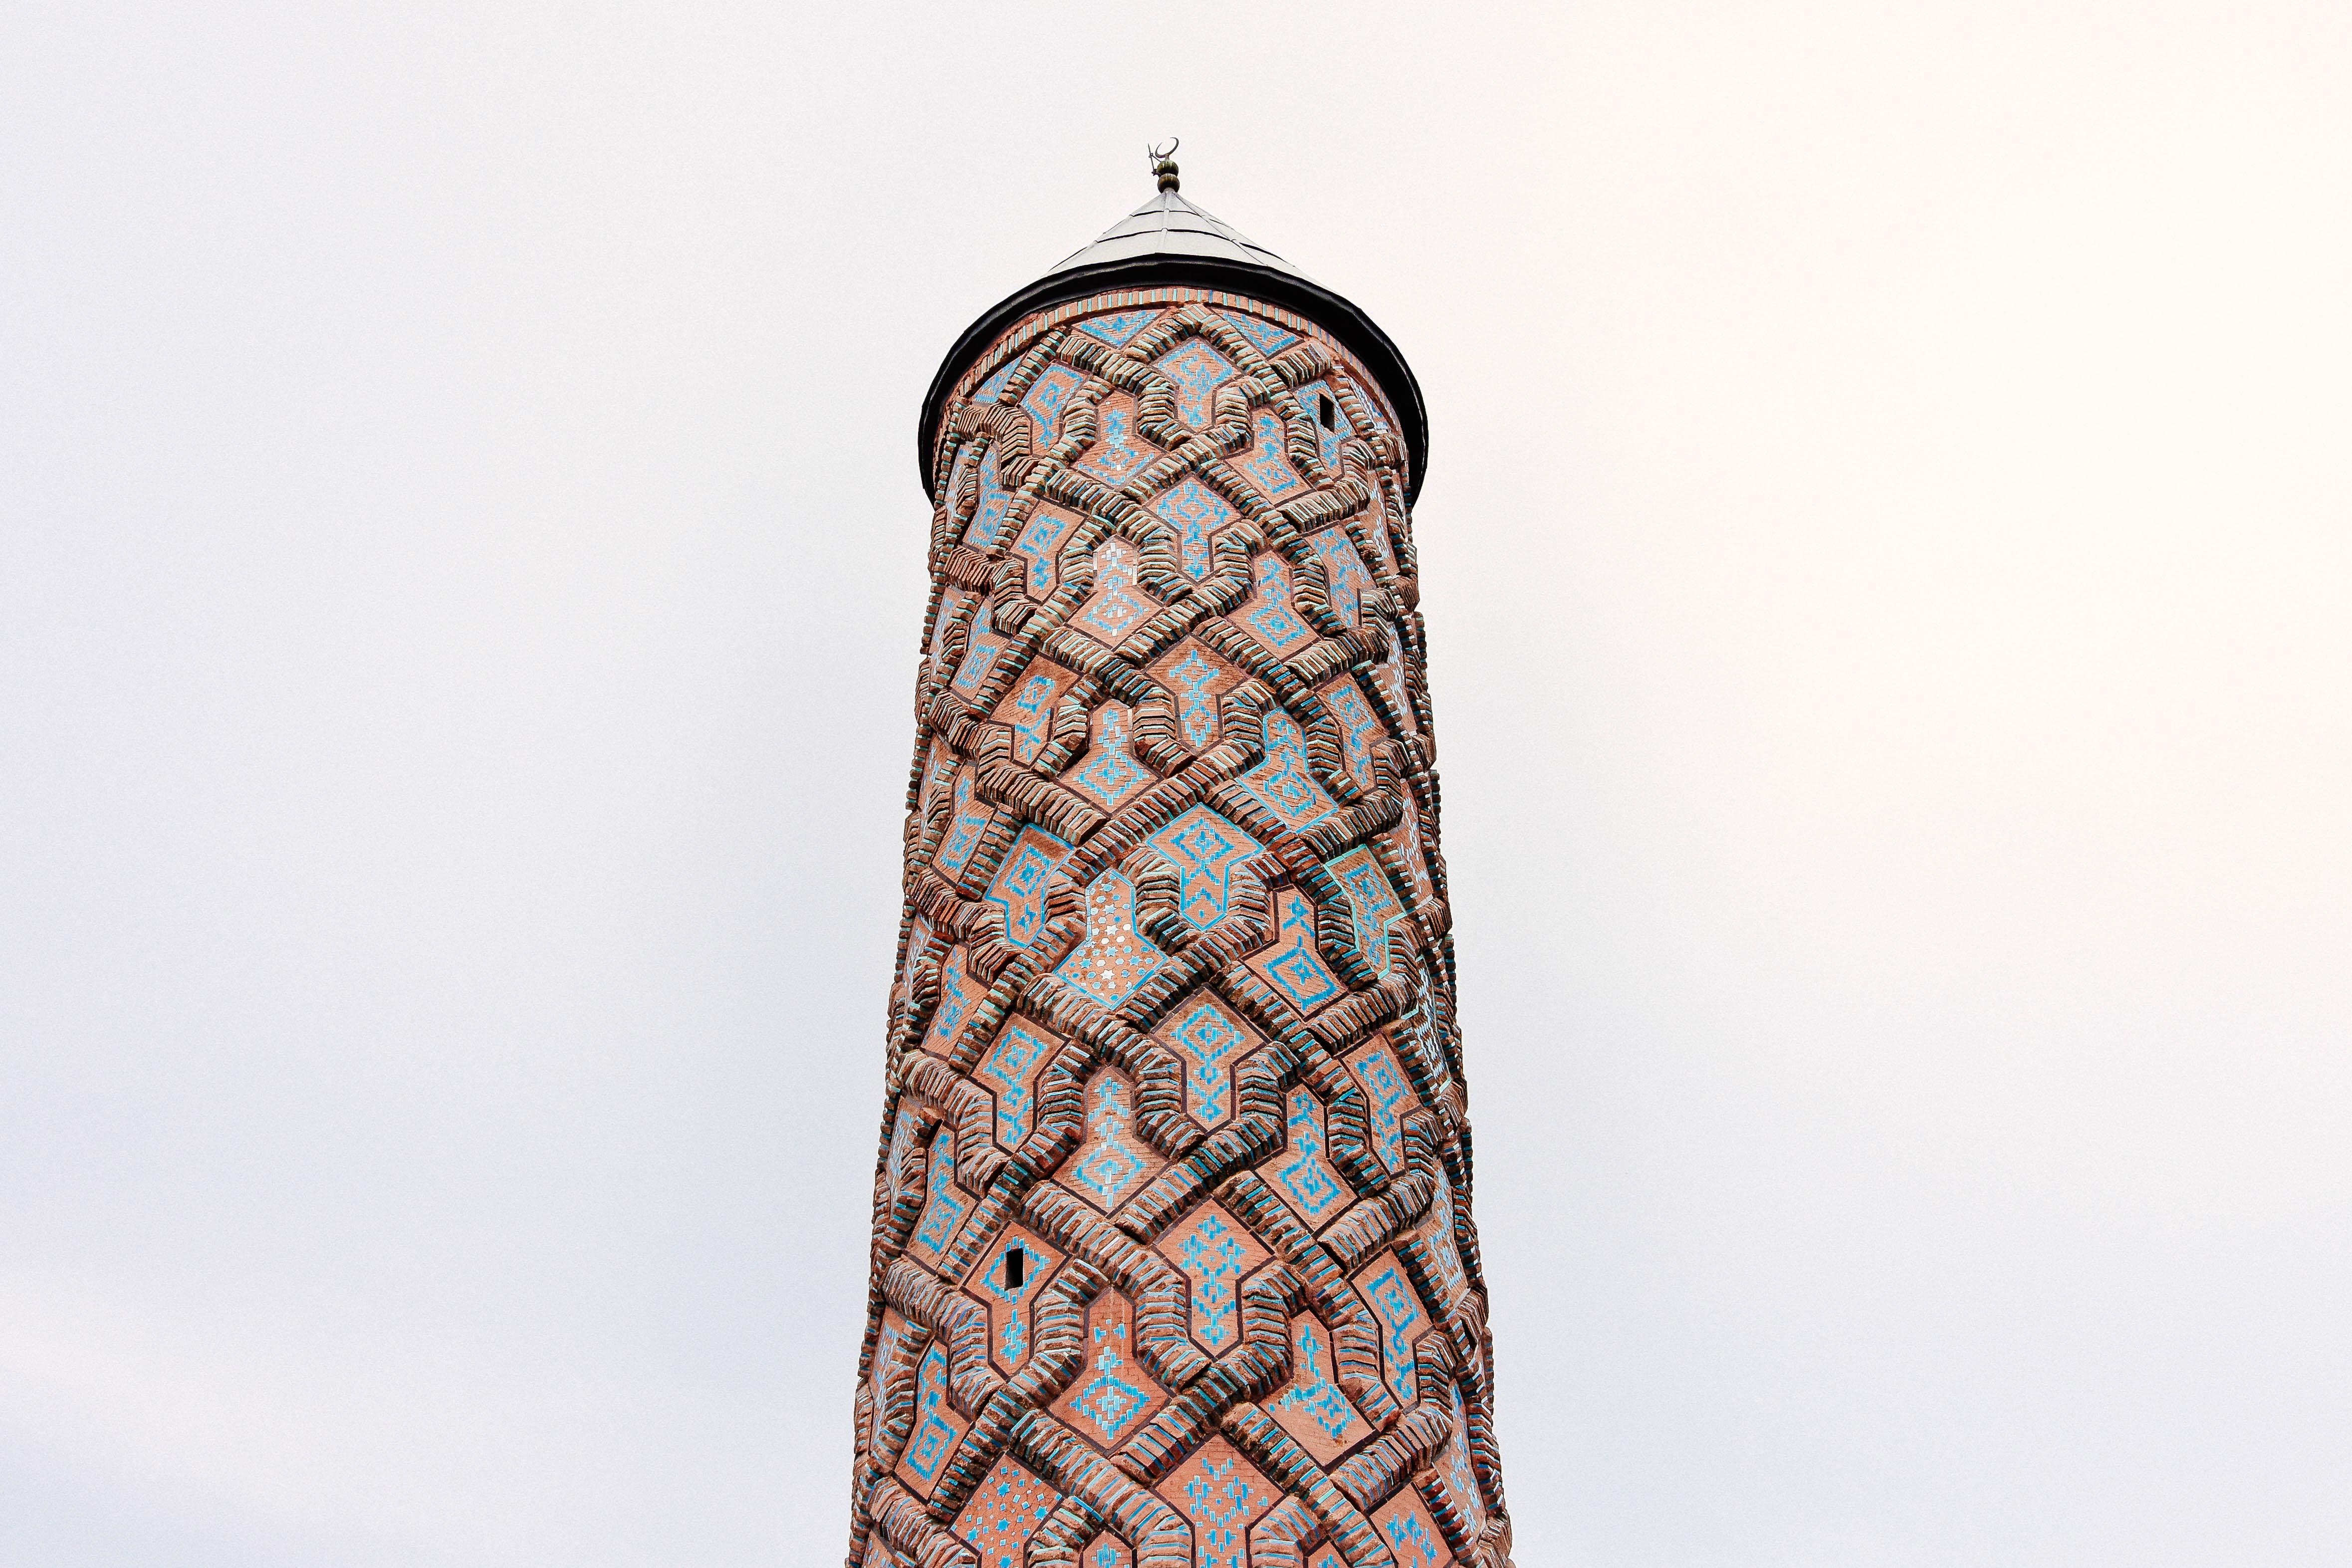 Yakutiye Medresesi Minaresi